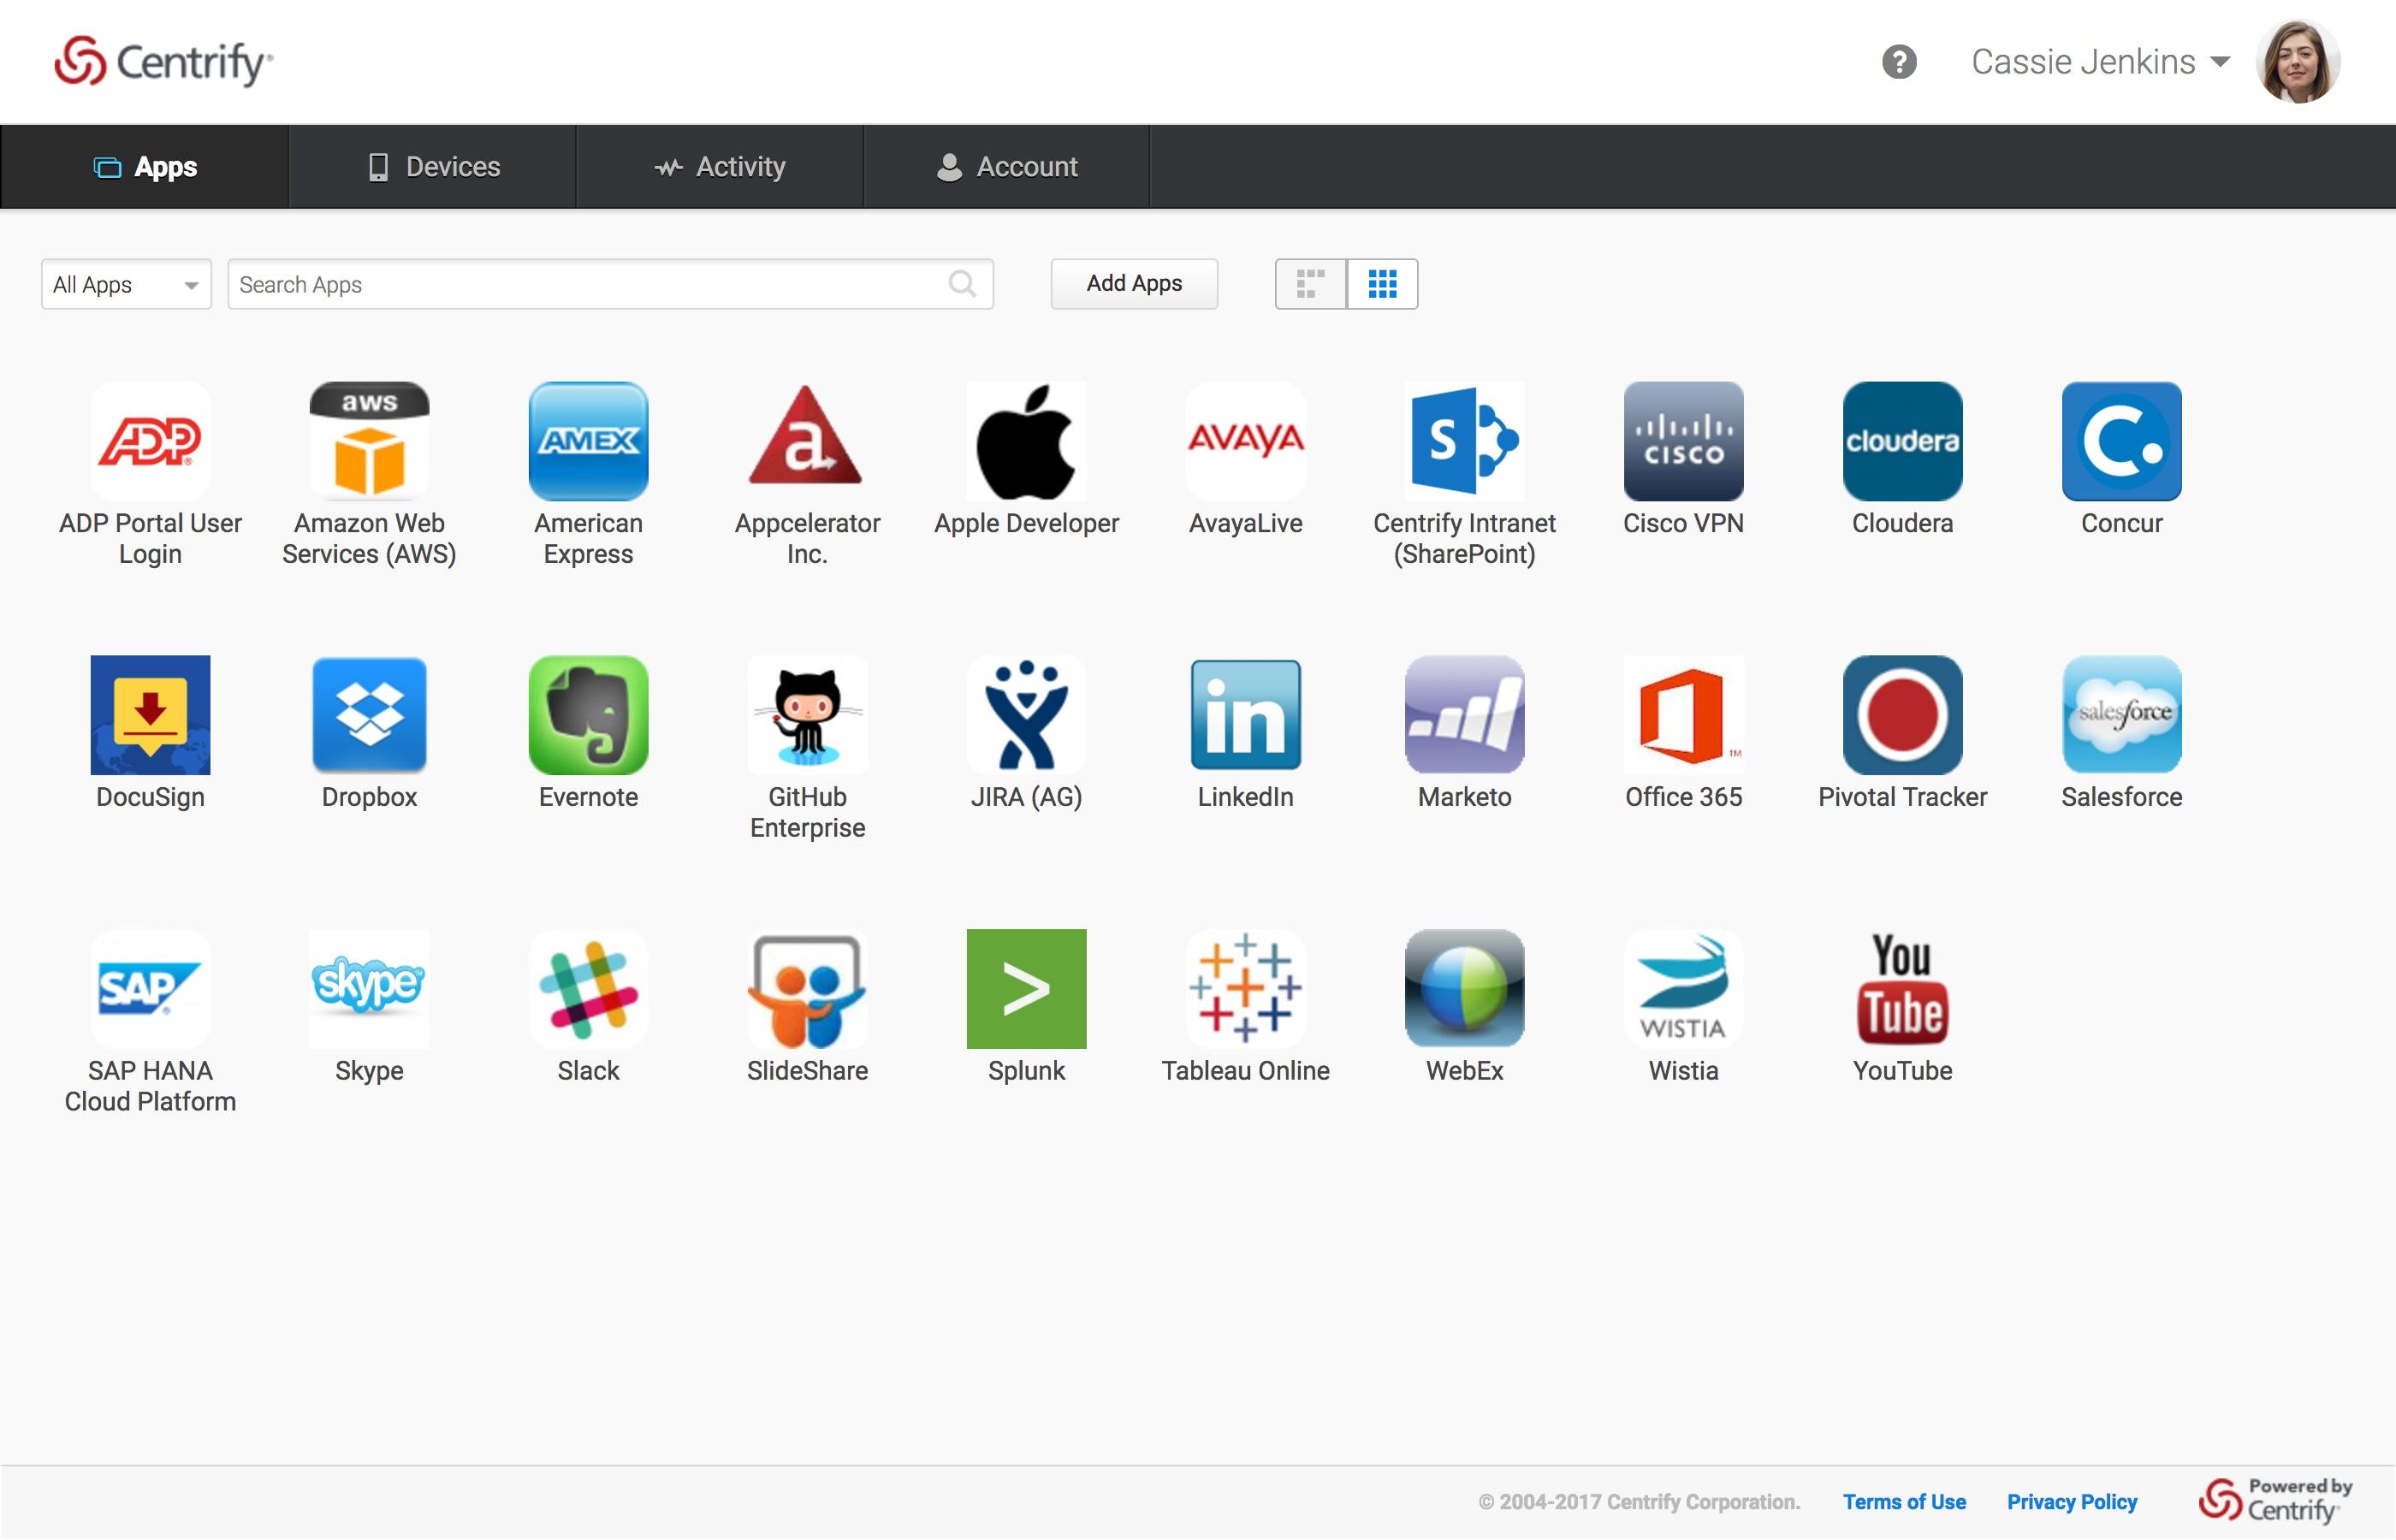 Centrify Application Services - App Portal